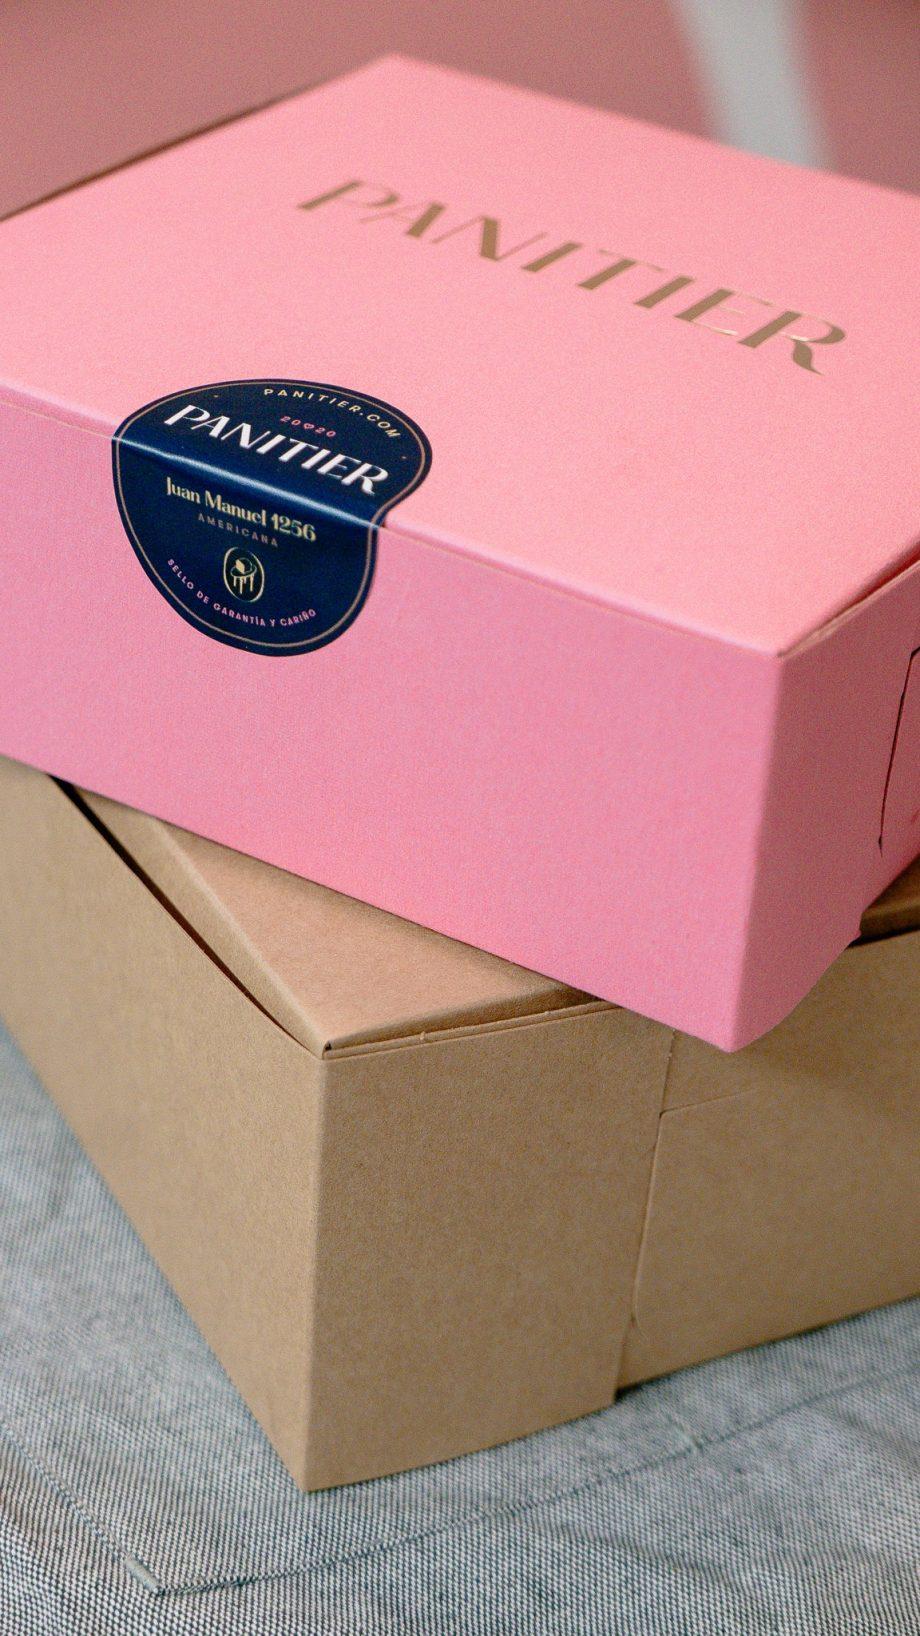 caja-rosa-panitier